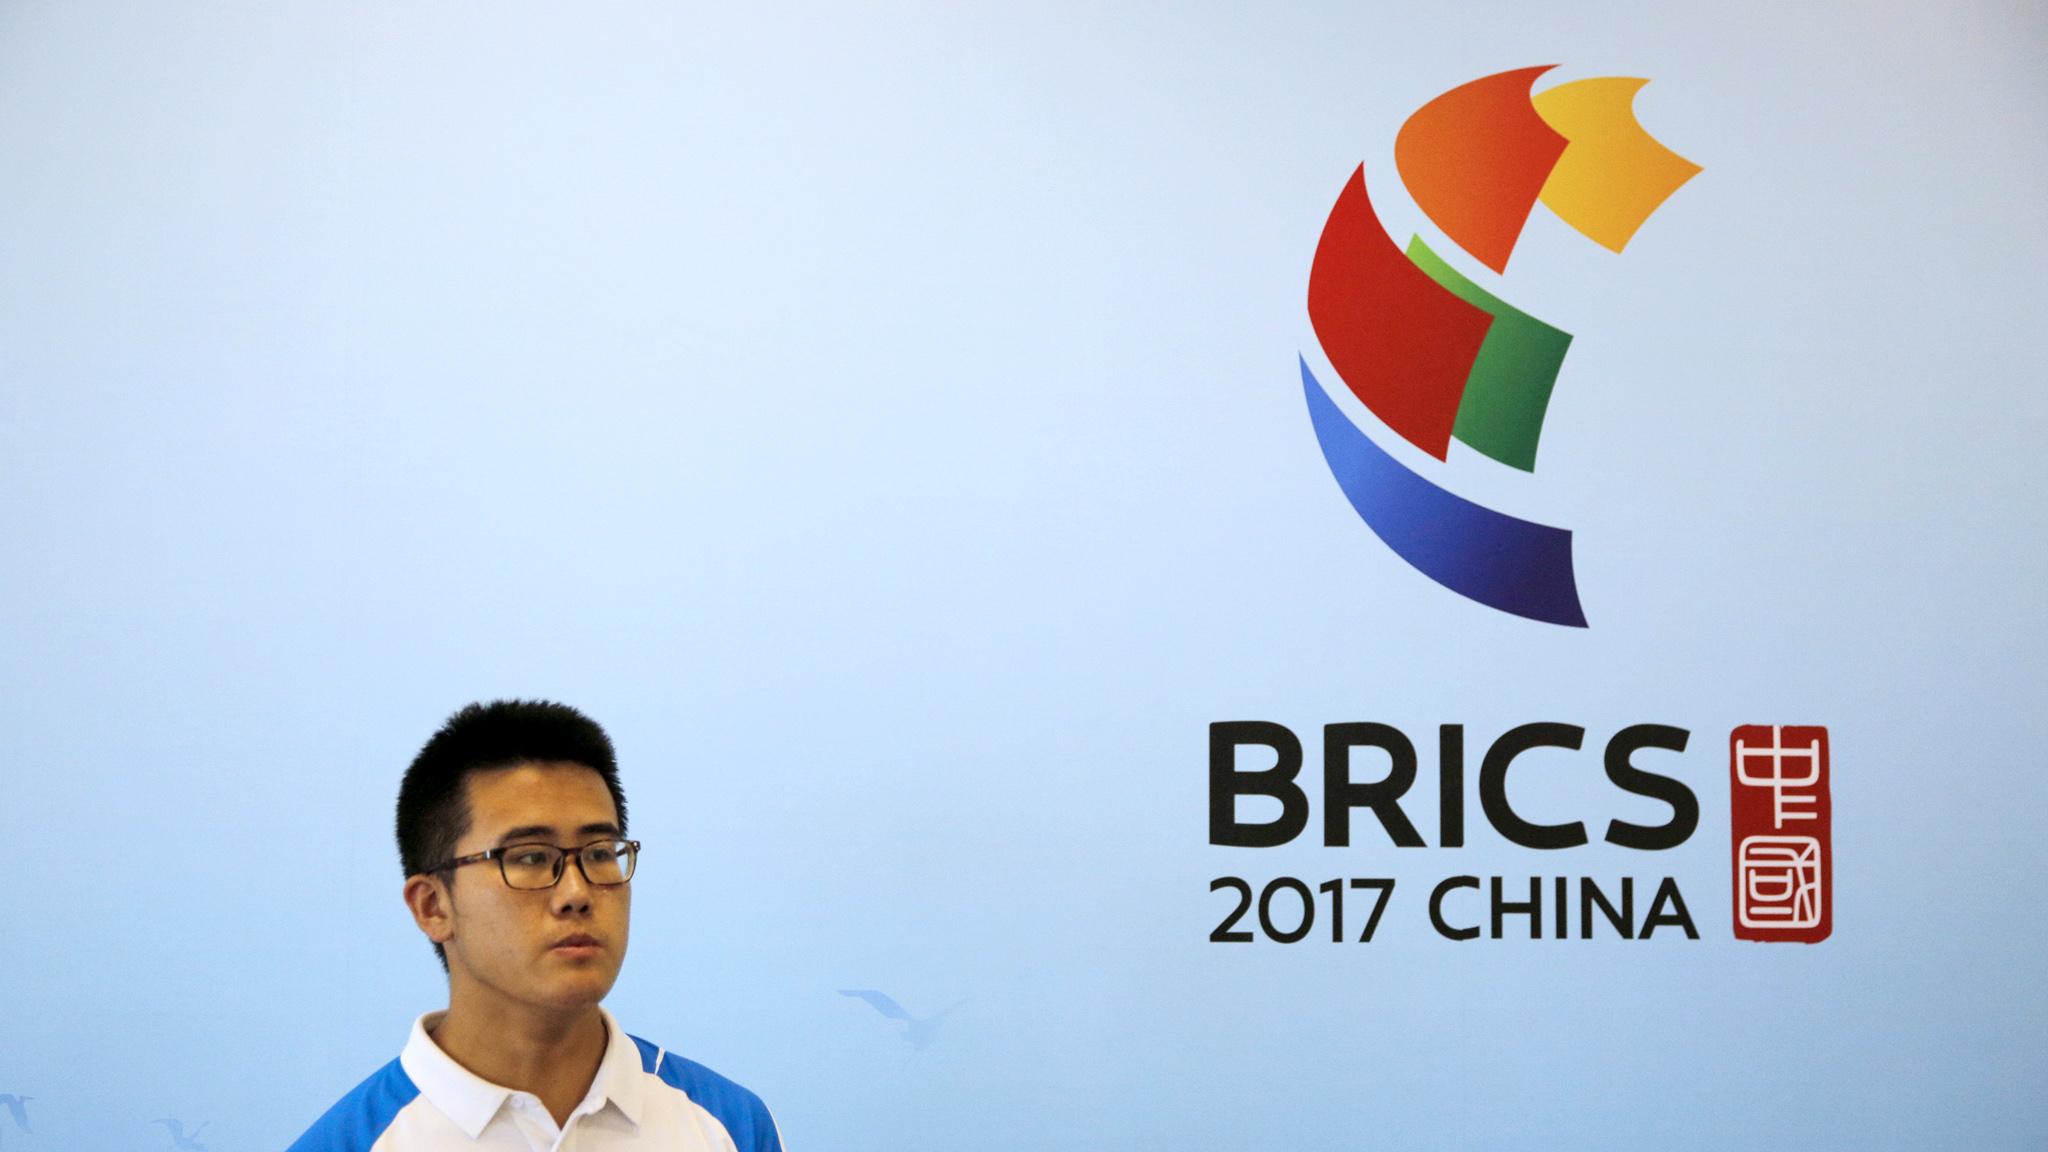 金磚五國廈門峰會》中國與俄、印、巴、南非關係將如何發展?